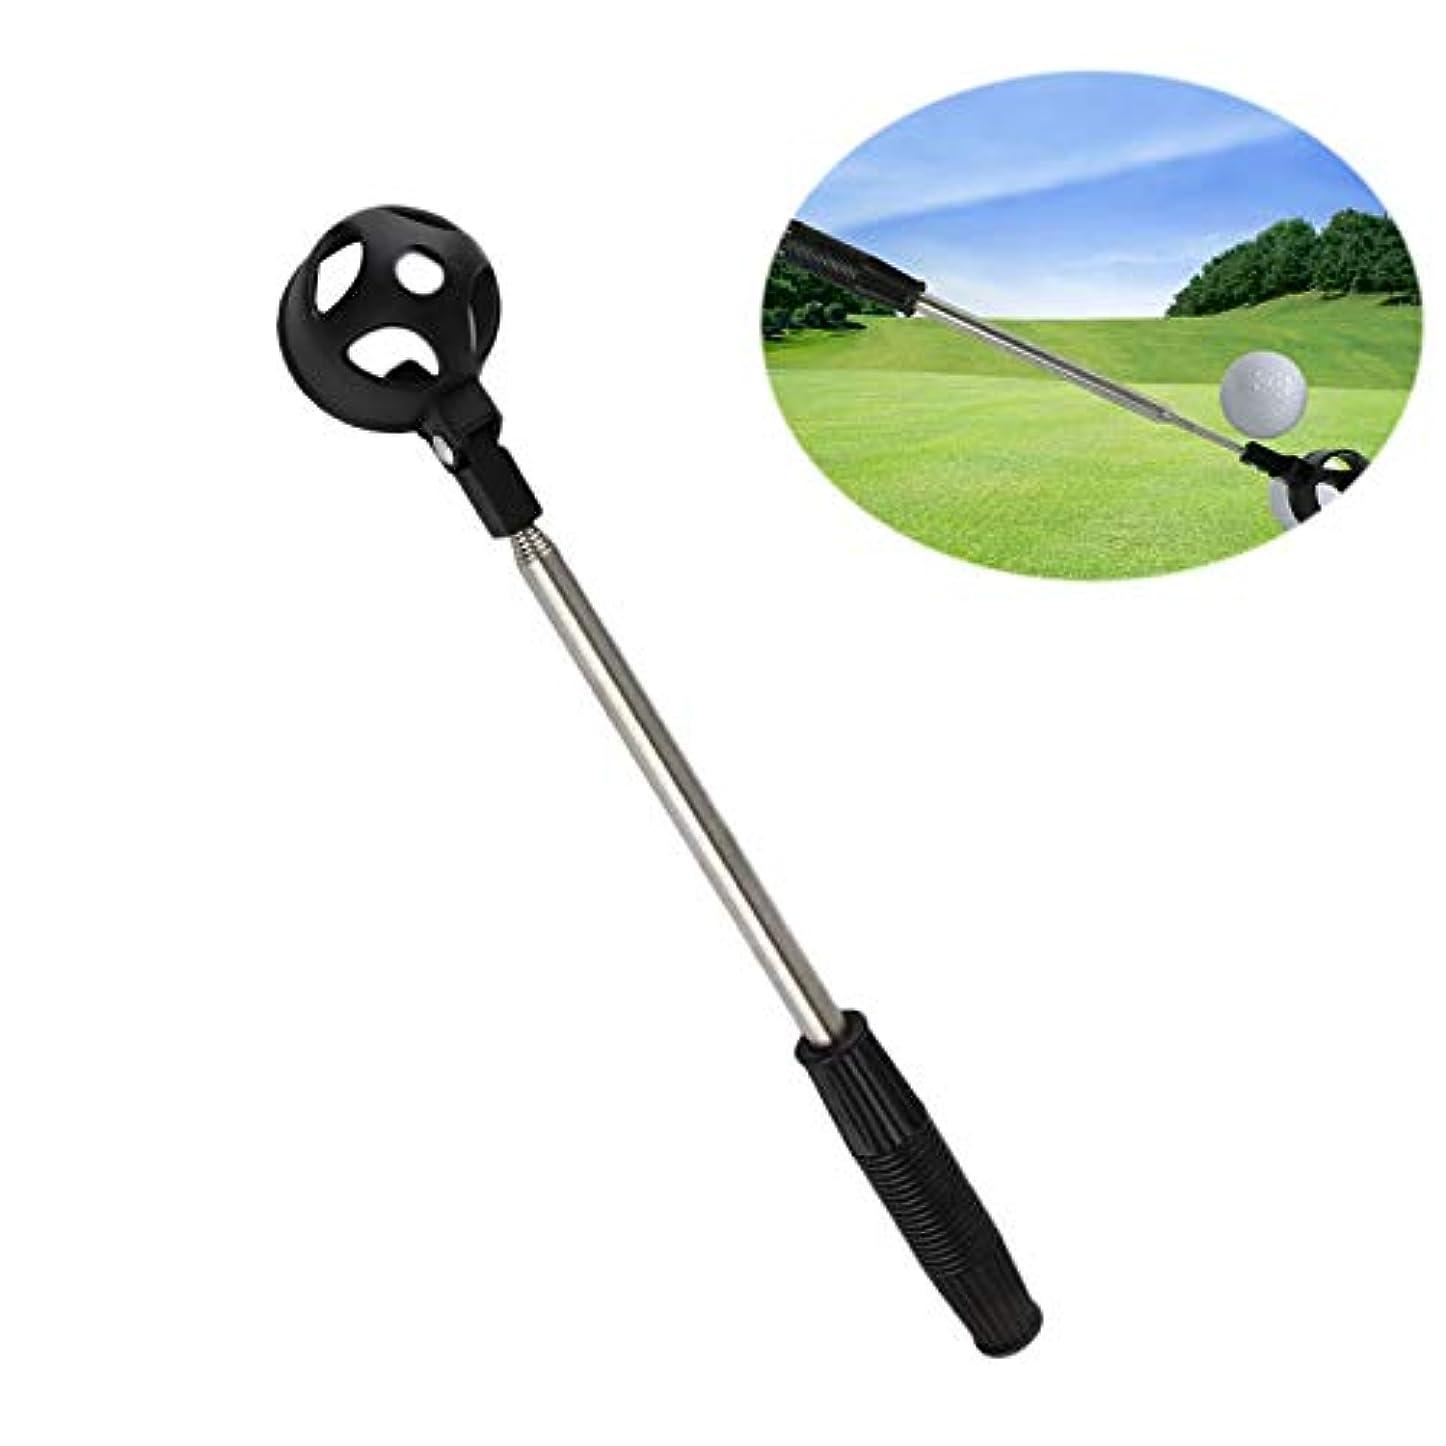 差蓮アルネYUNAWU 格納式スクープ 伸縮式 ゴルフボール レトリバー ピックアップ スチールセーバー シャフト パターツール